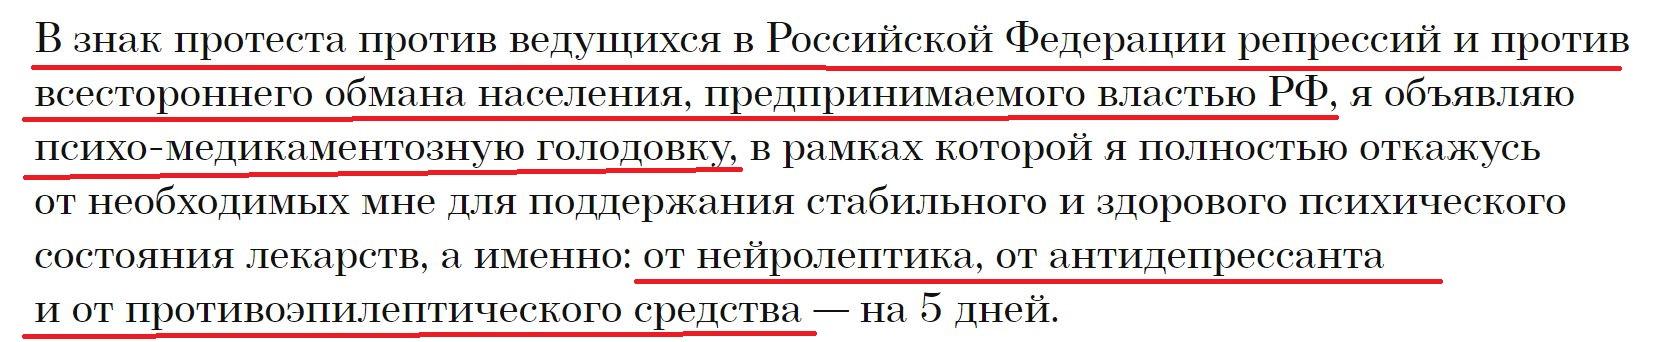 https://ic.pics.livejournal.com/galgo_ruso/78206156/484367/484367_original.jpg